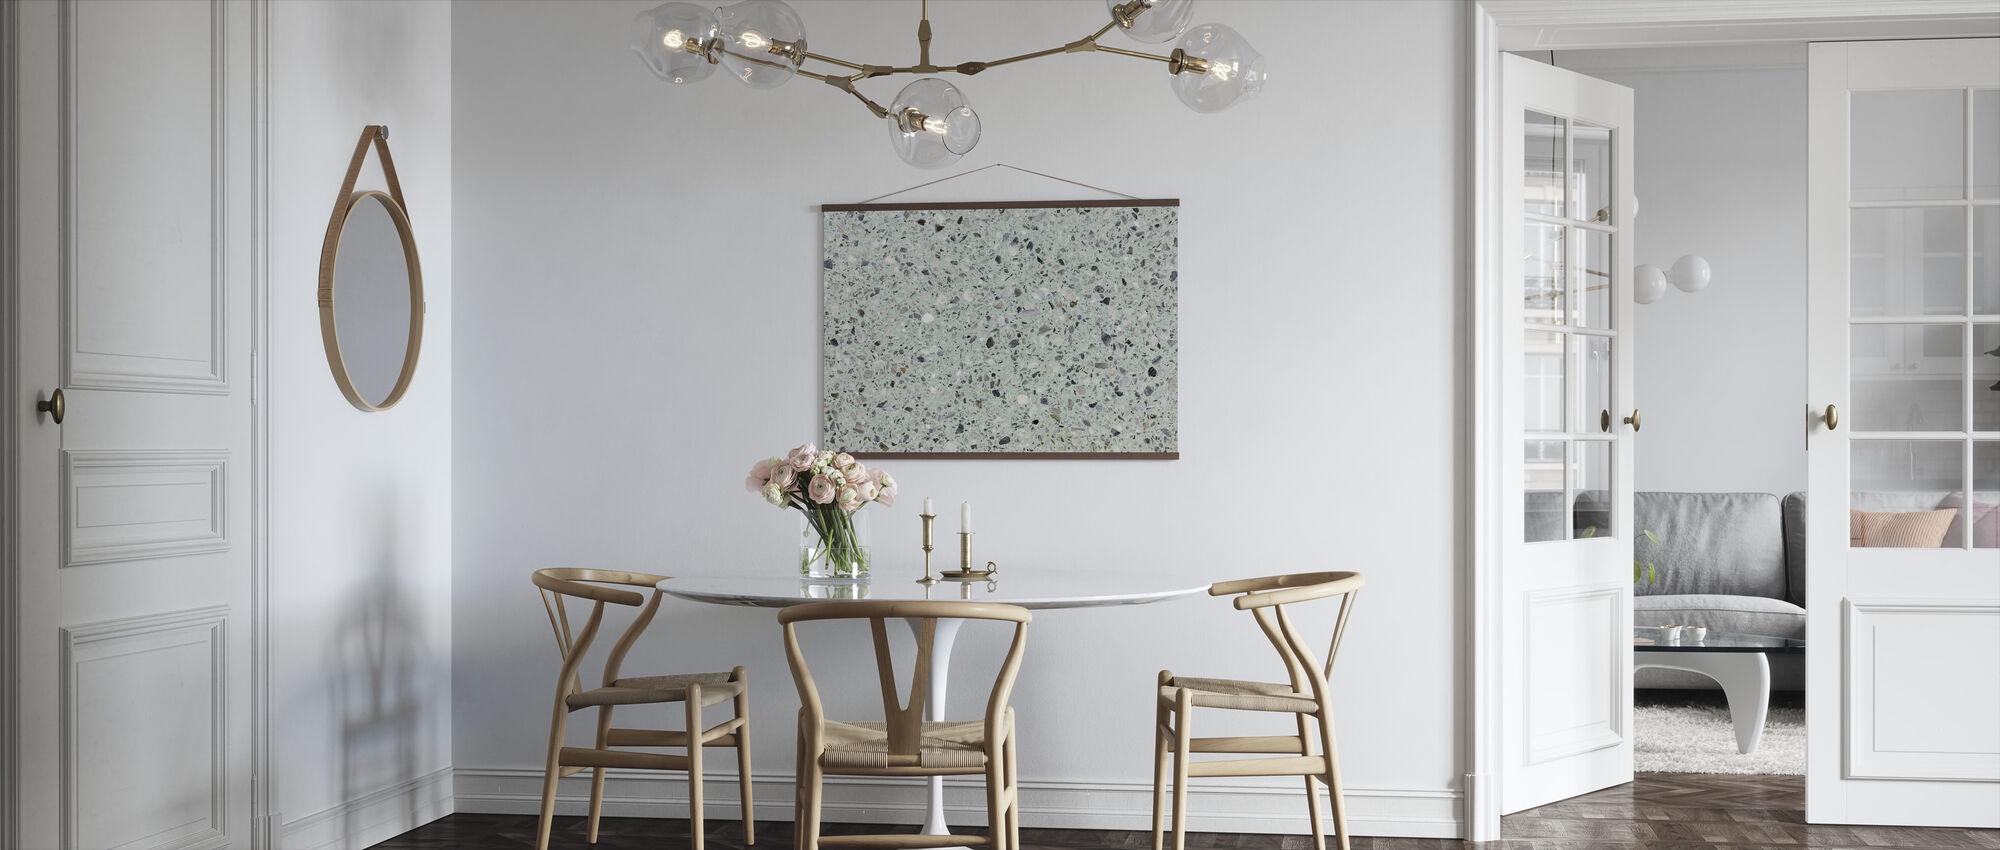 Mint Groen Terrazzo - Poster - Keuken